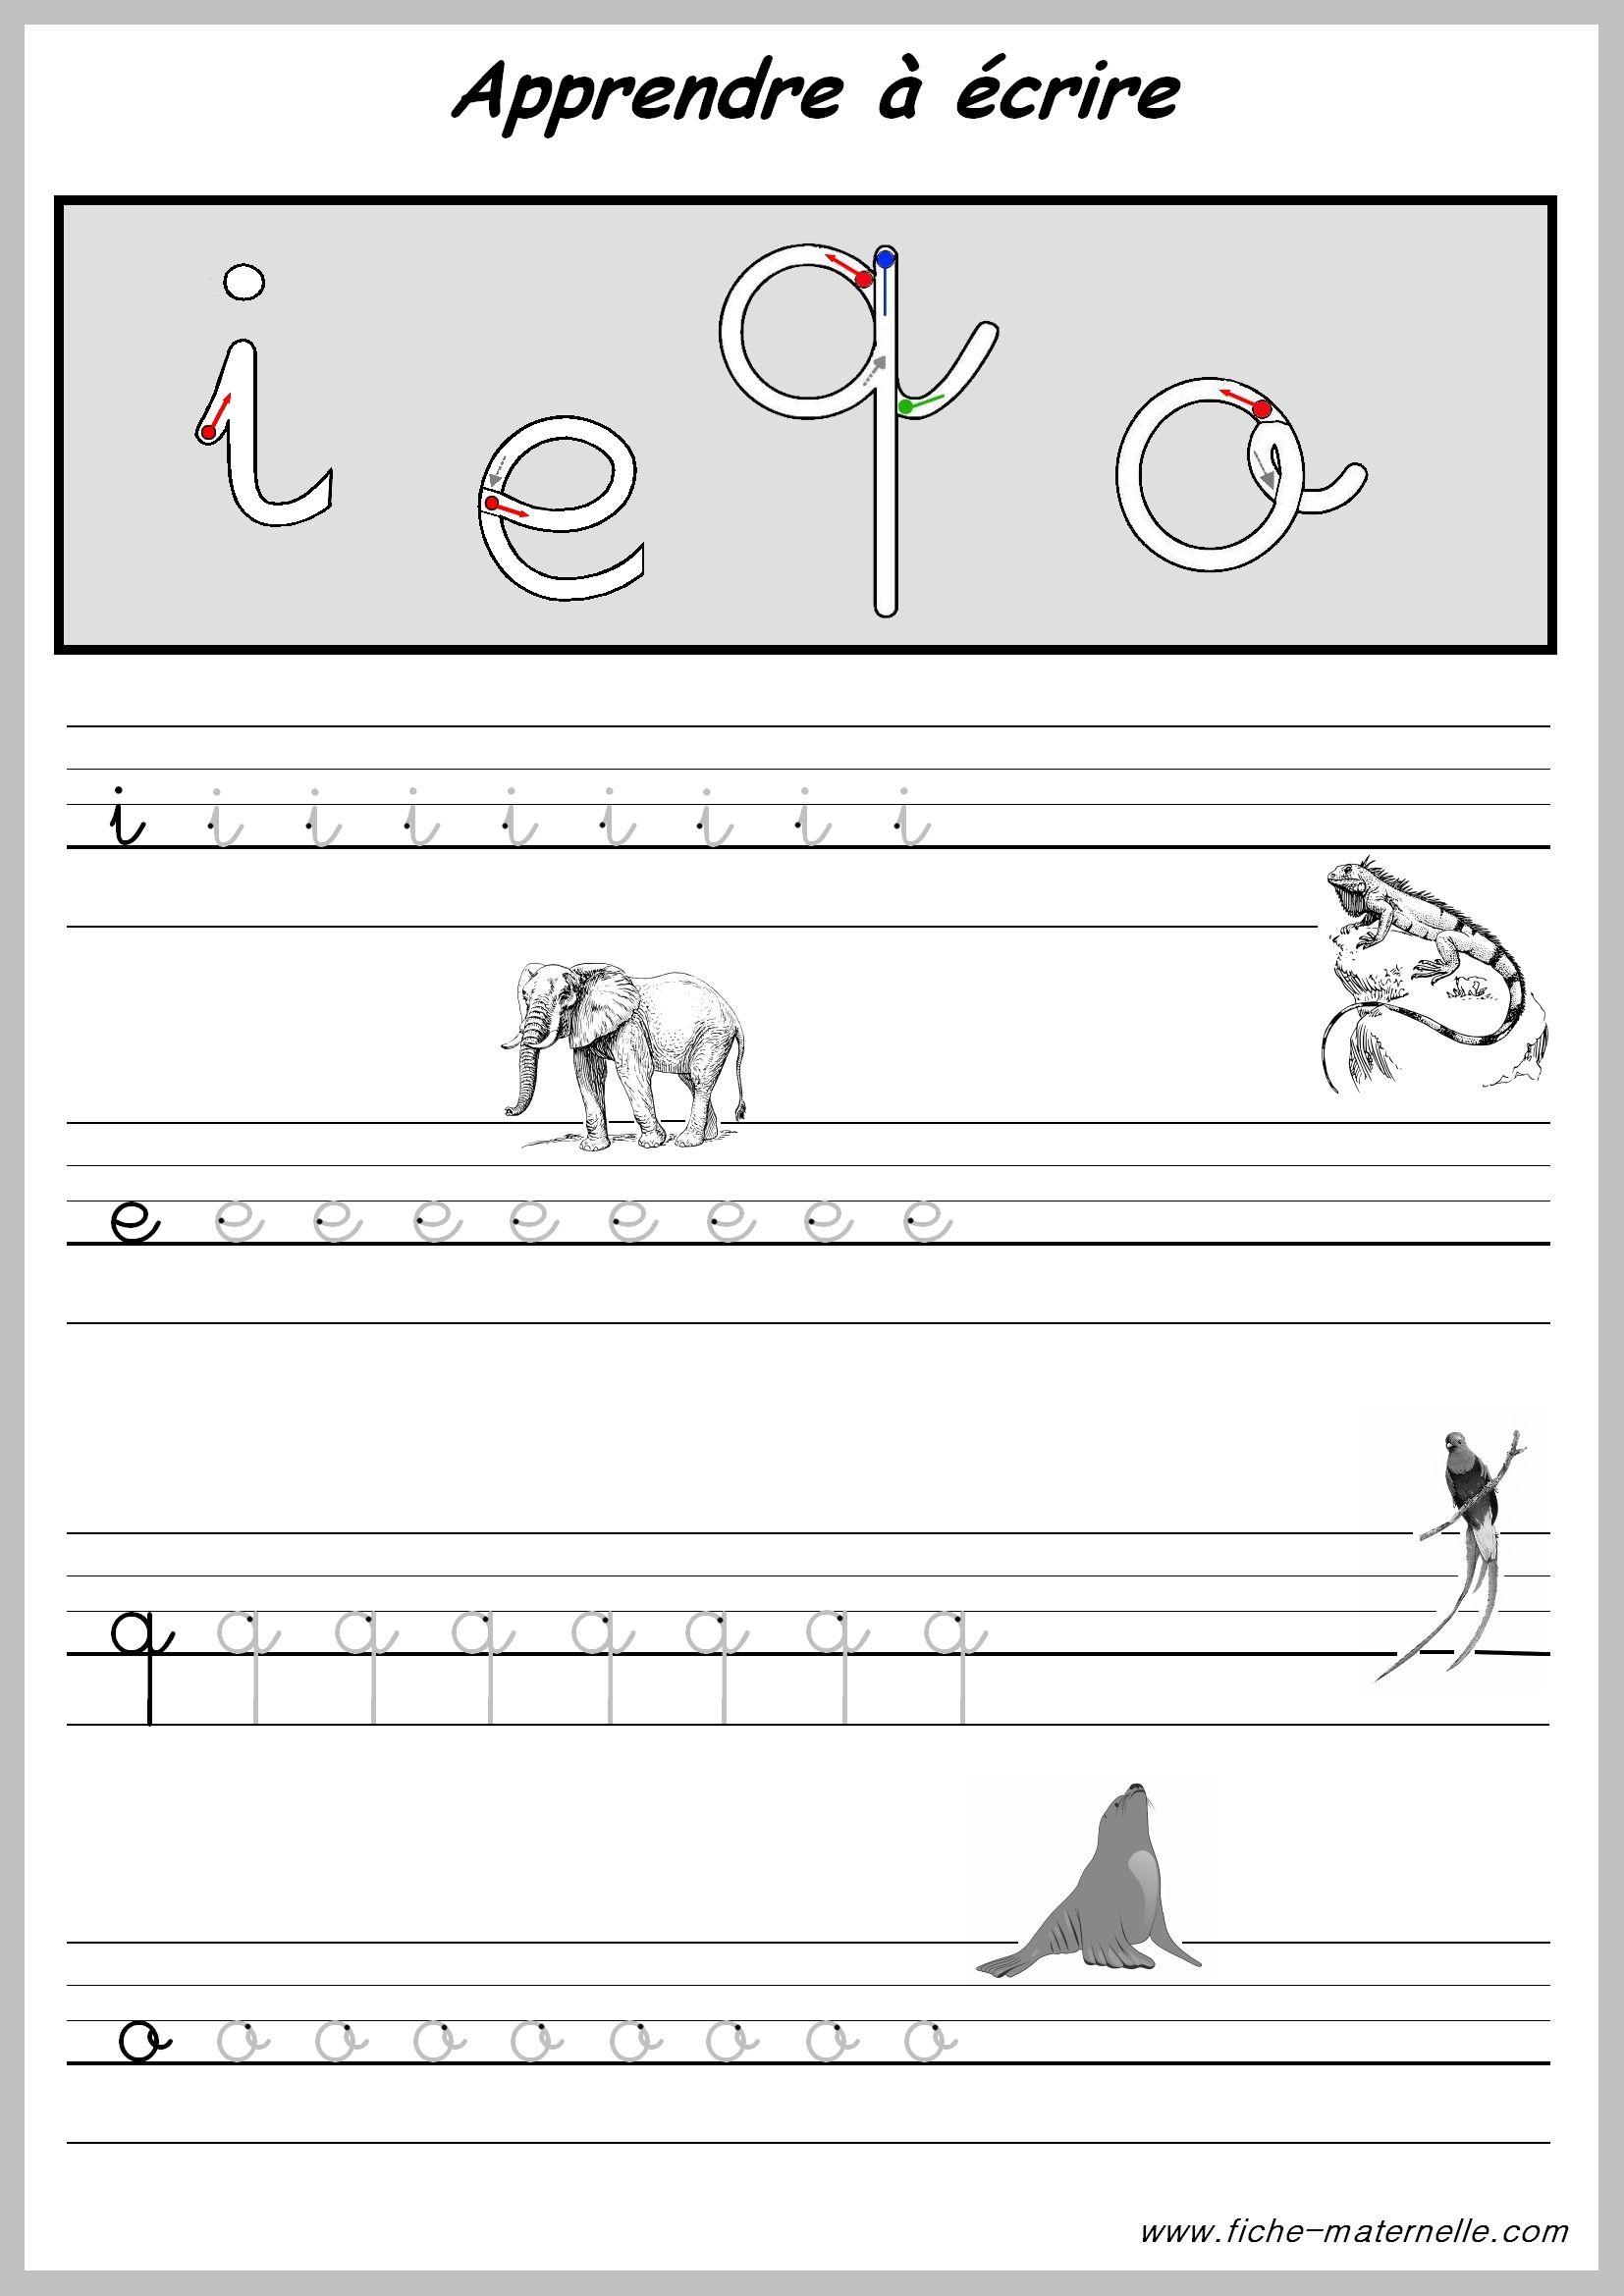 Image Associée | Apprendre À Écrire, Écrire En Cursive Et intérieur Apprendre A Ecrire Les Lettres En Minuscule